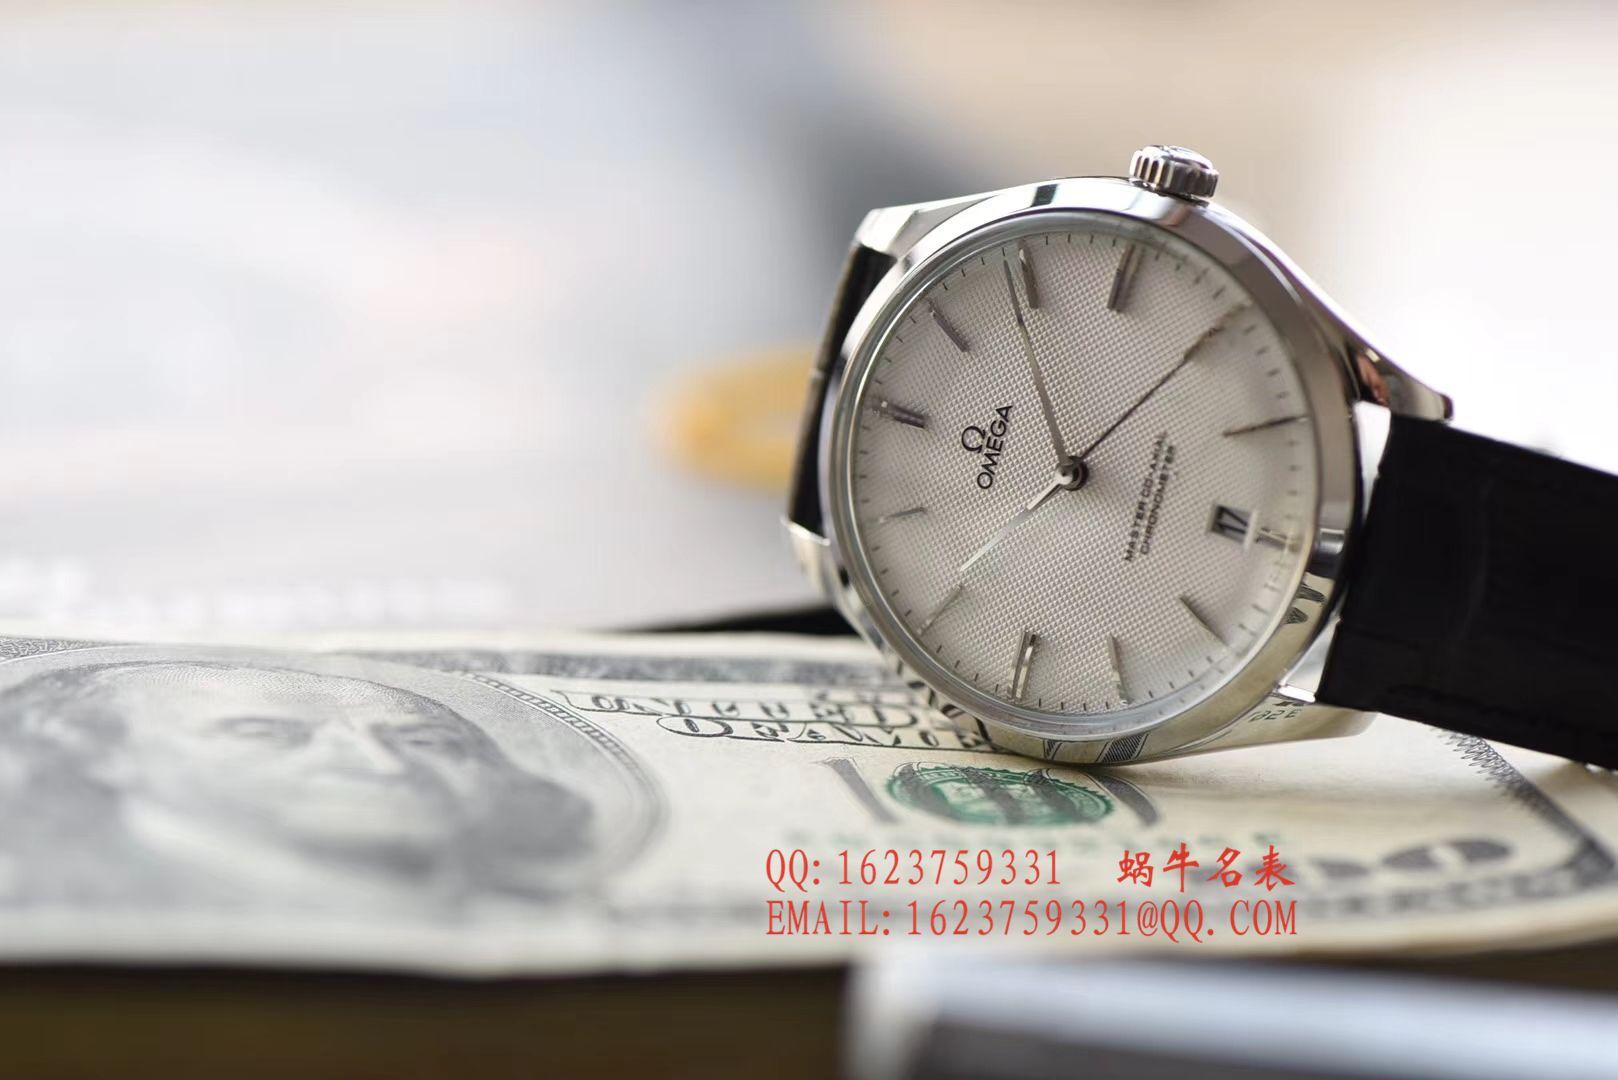 【KW一比一超A精仿手表】欧米茄蝶飞名典系列432.53.40.21.02.004腕表 / MAD238